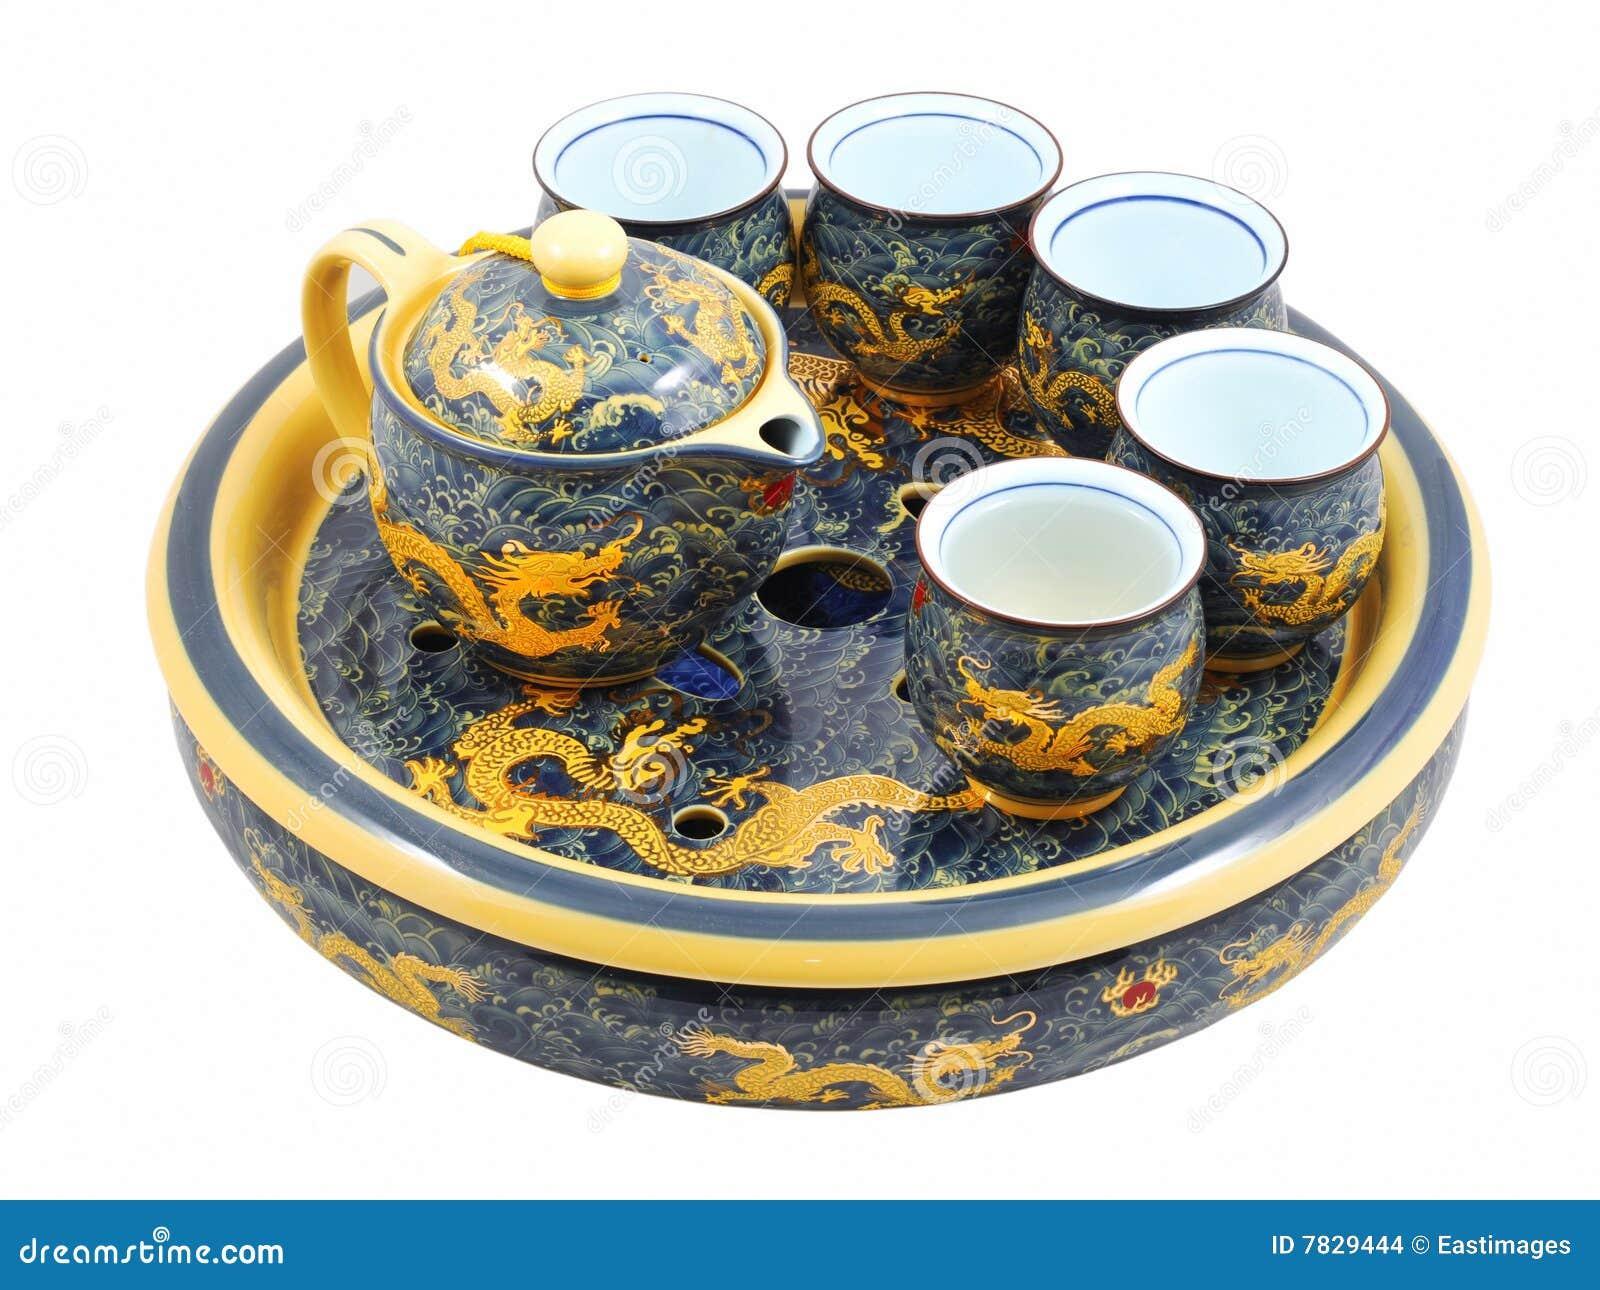 Royal Tea Ware of China